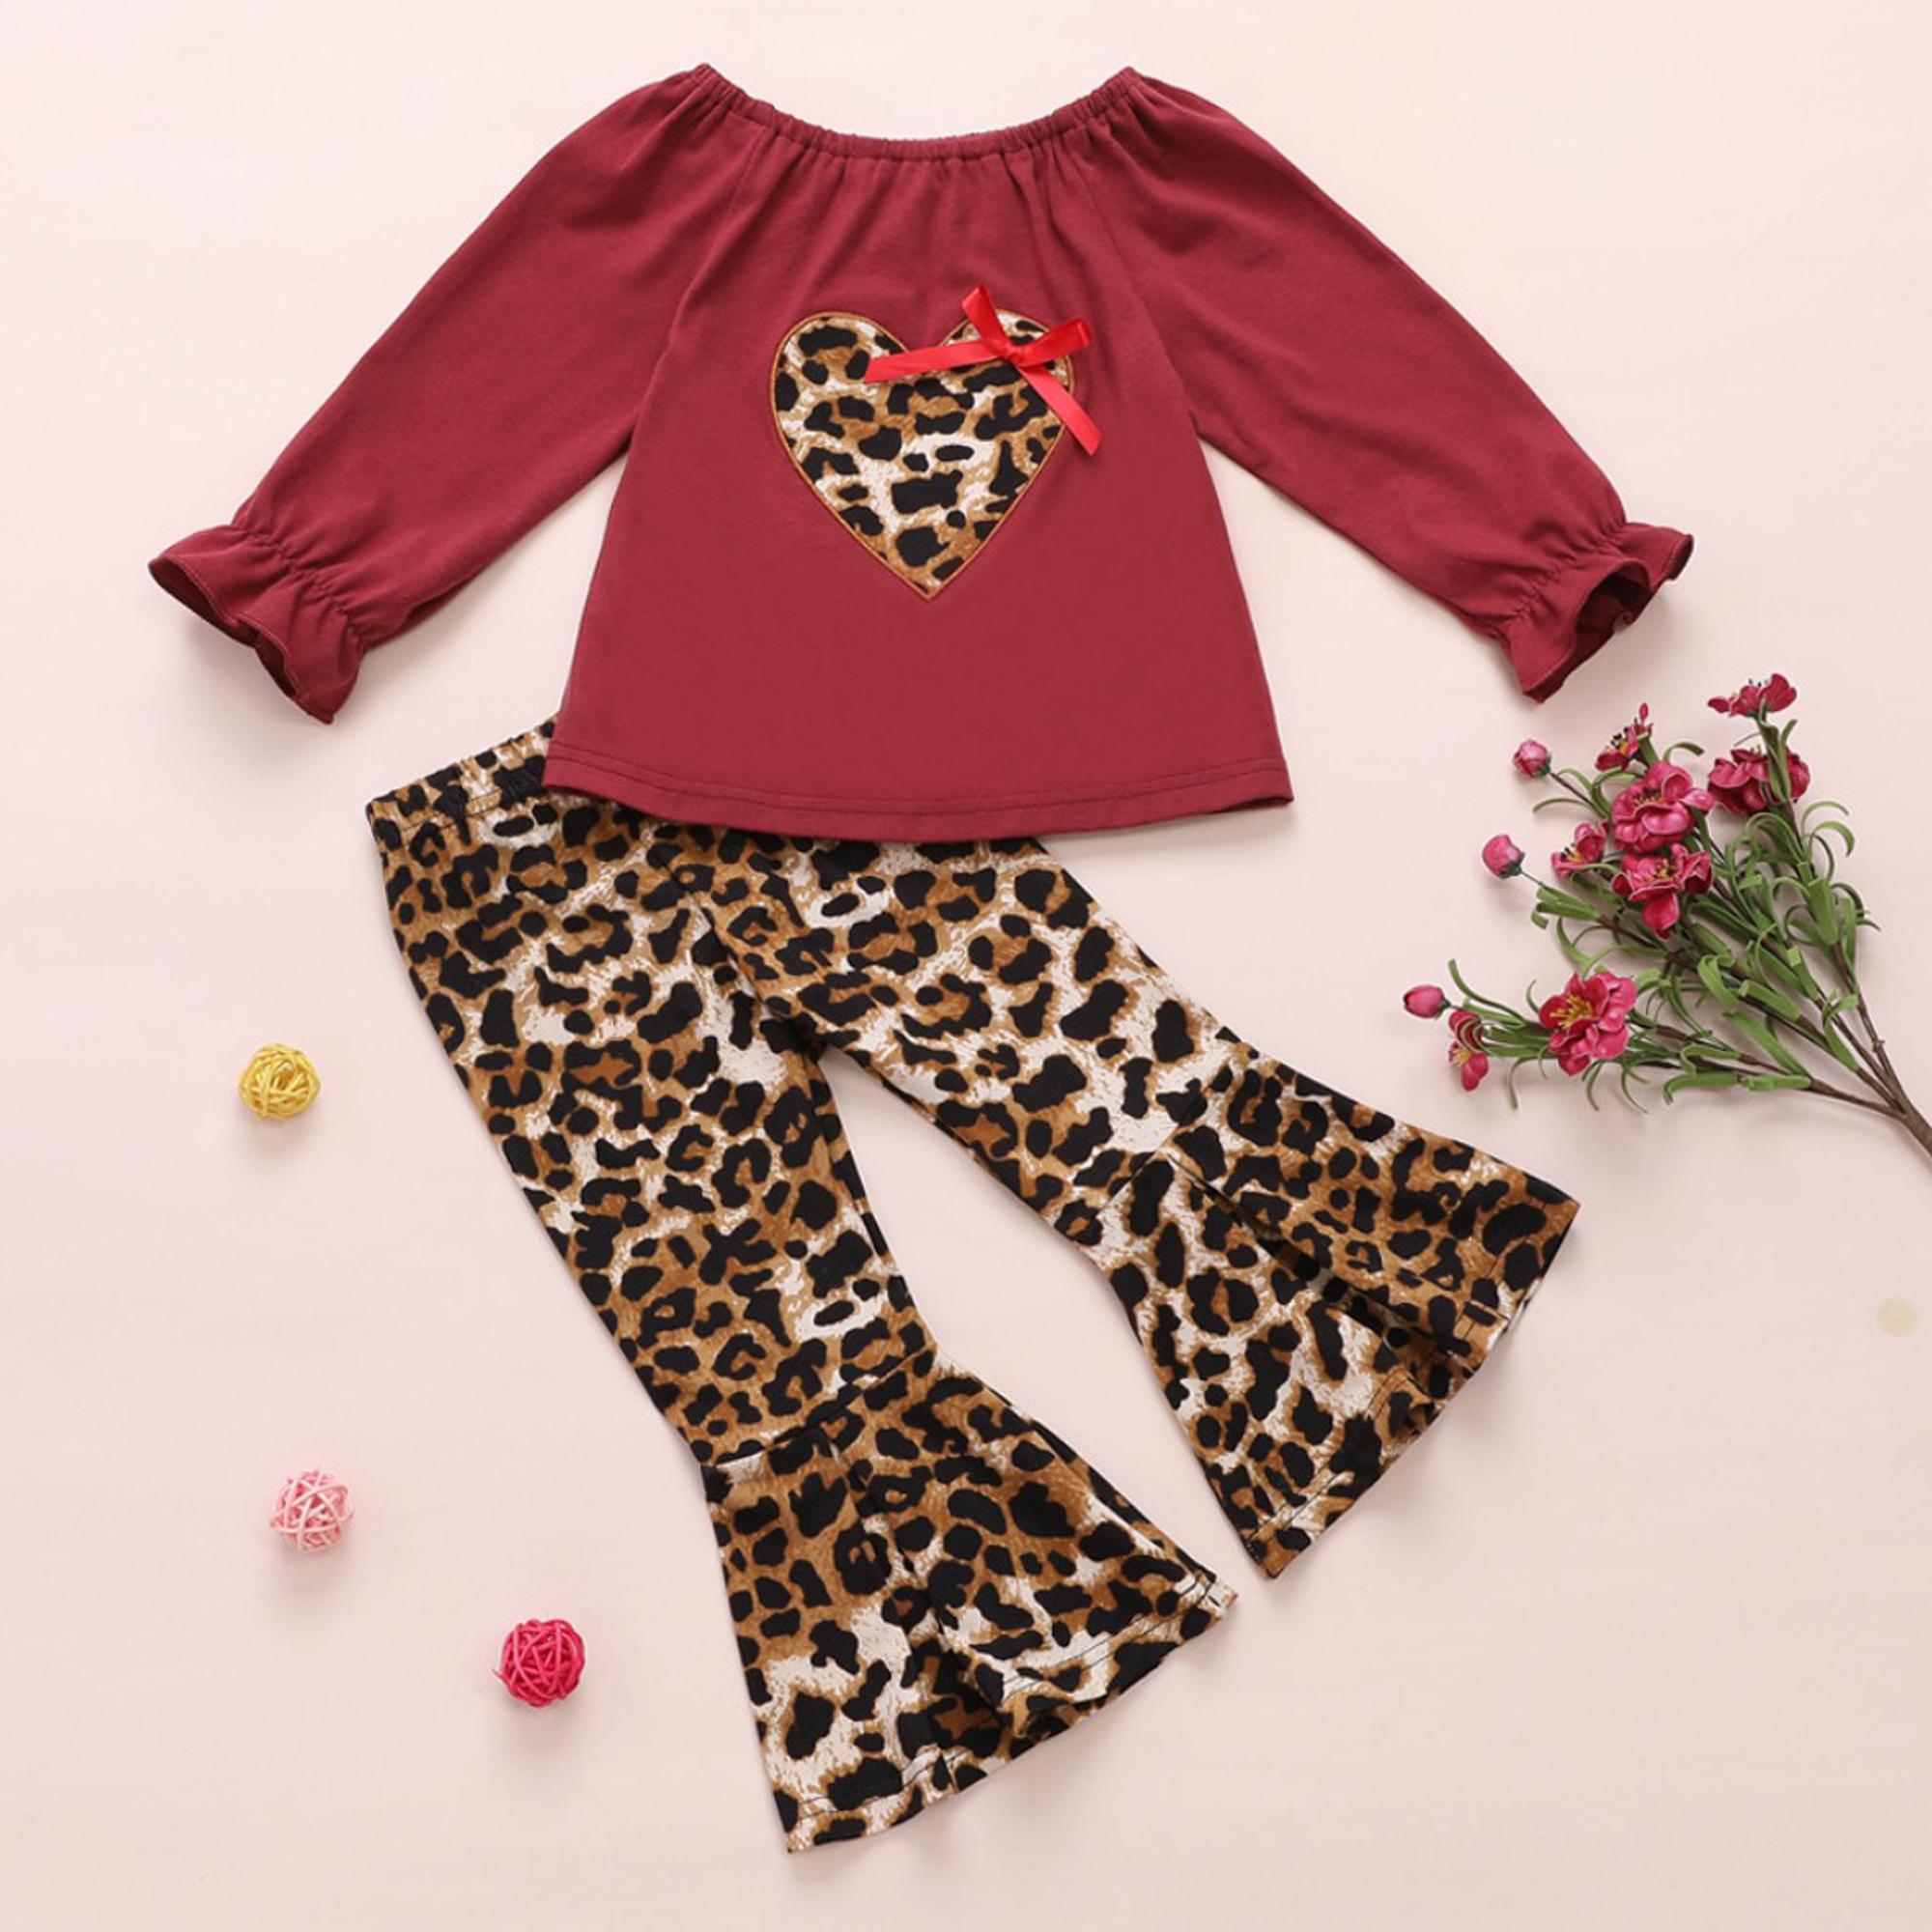 深圳市宝安区妍希宝贝制衣厂 / Top bebê com estampa de leopardo menina e calças BELLBOTTOM set